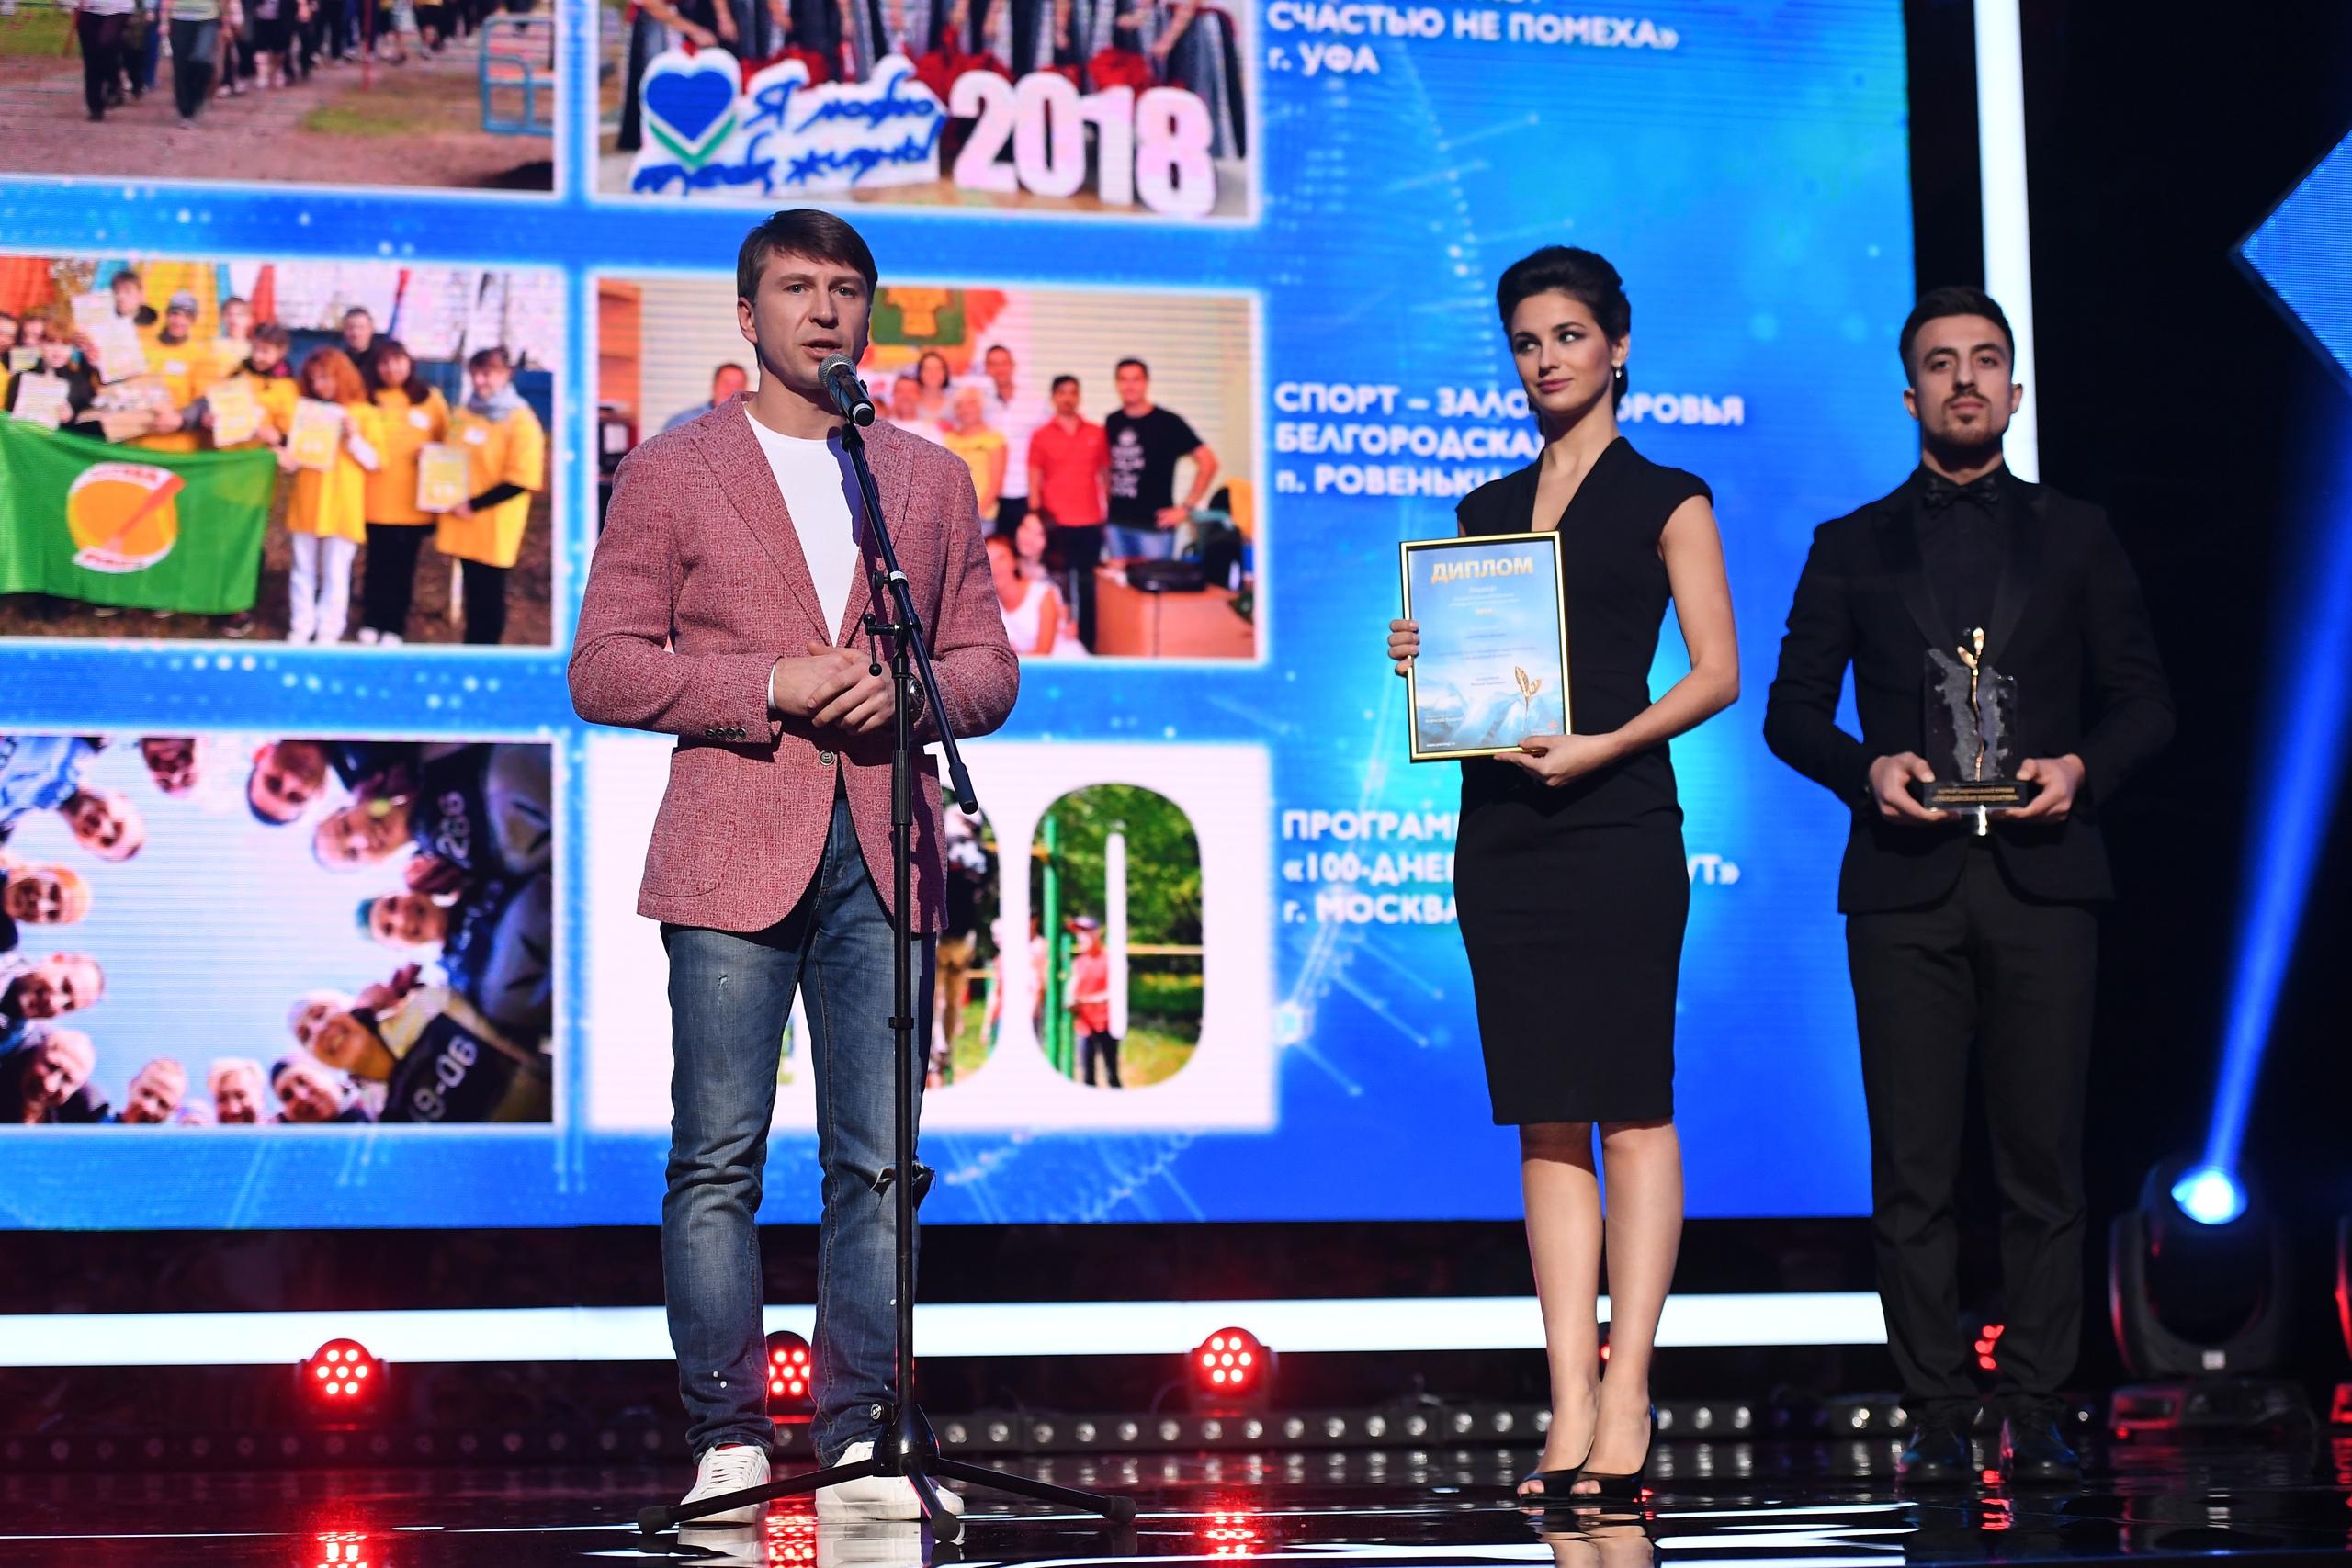 Воркаутер из Егорьевская победил на премии Гражданская инициатива!